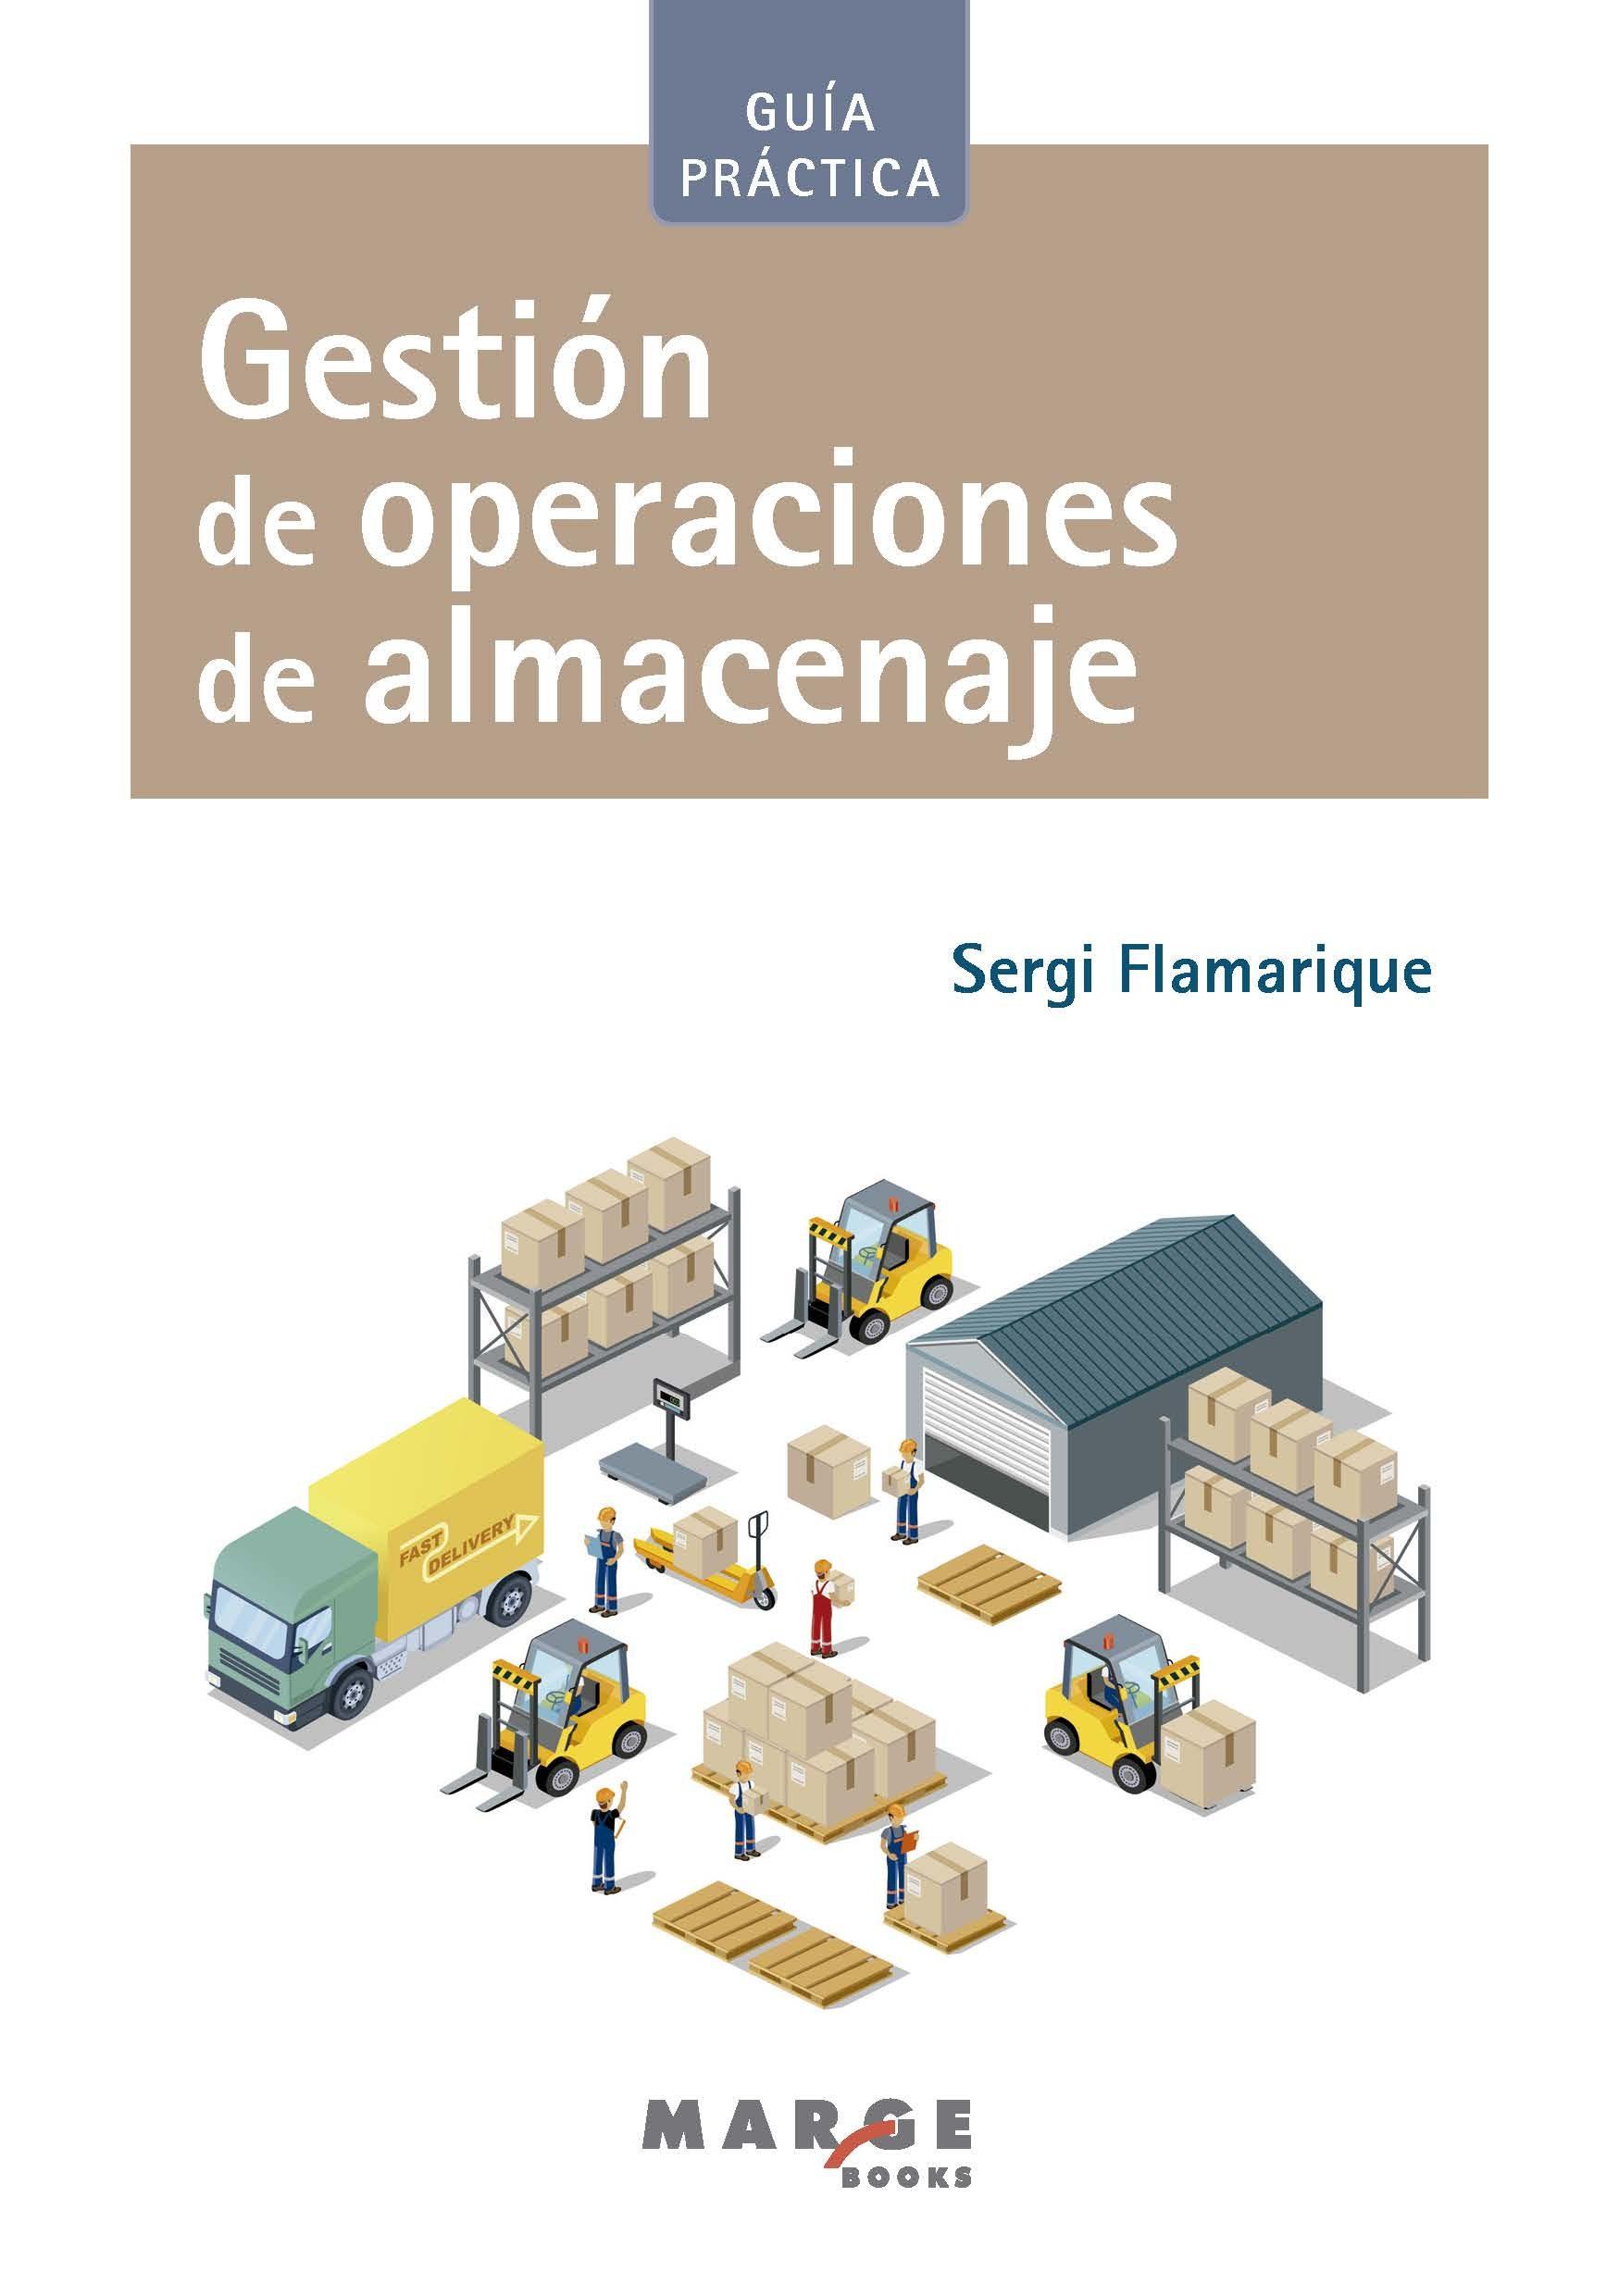 Gestión De Operaciones De Almacenaje   por Sergi Flamarique